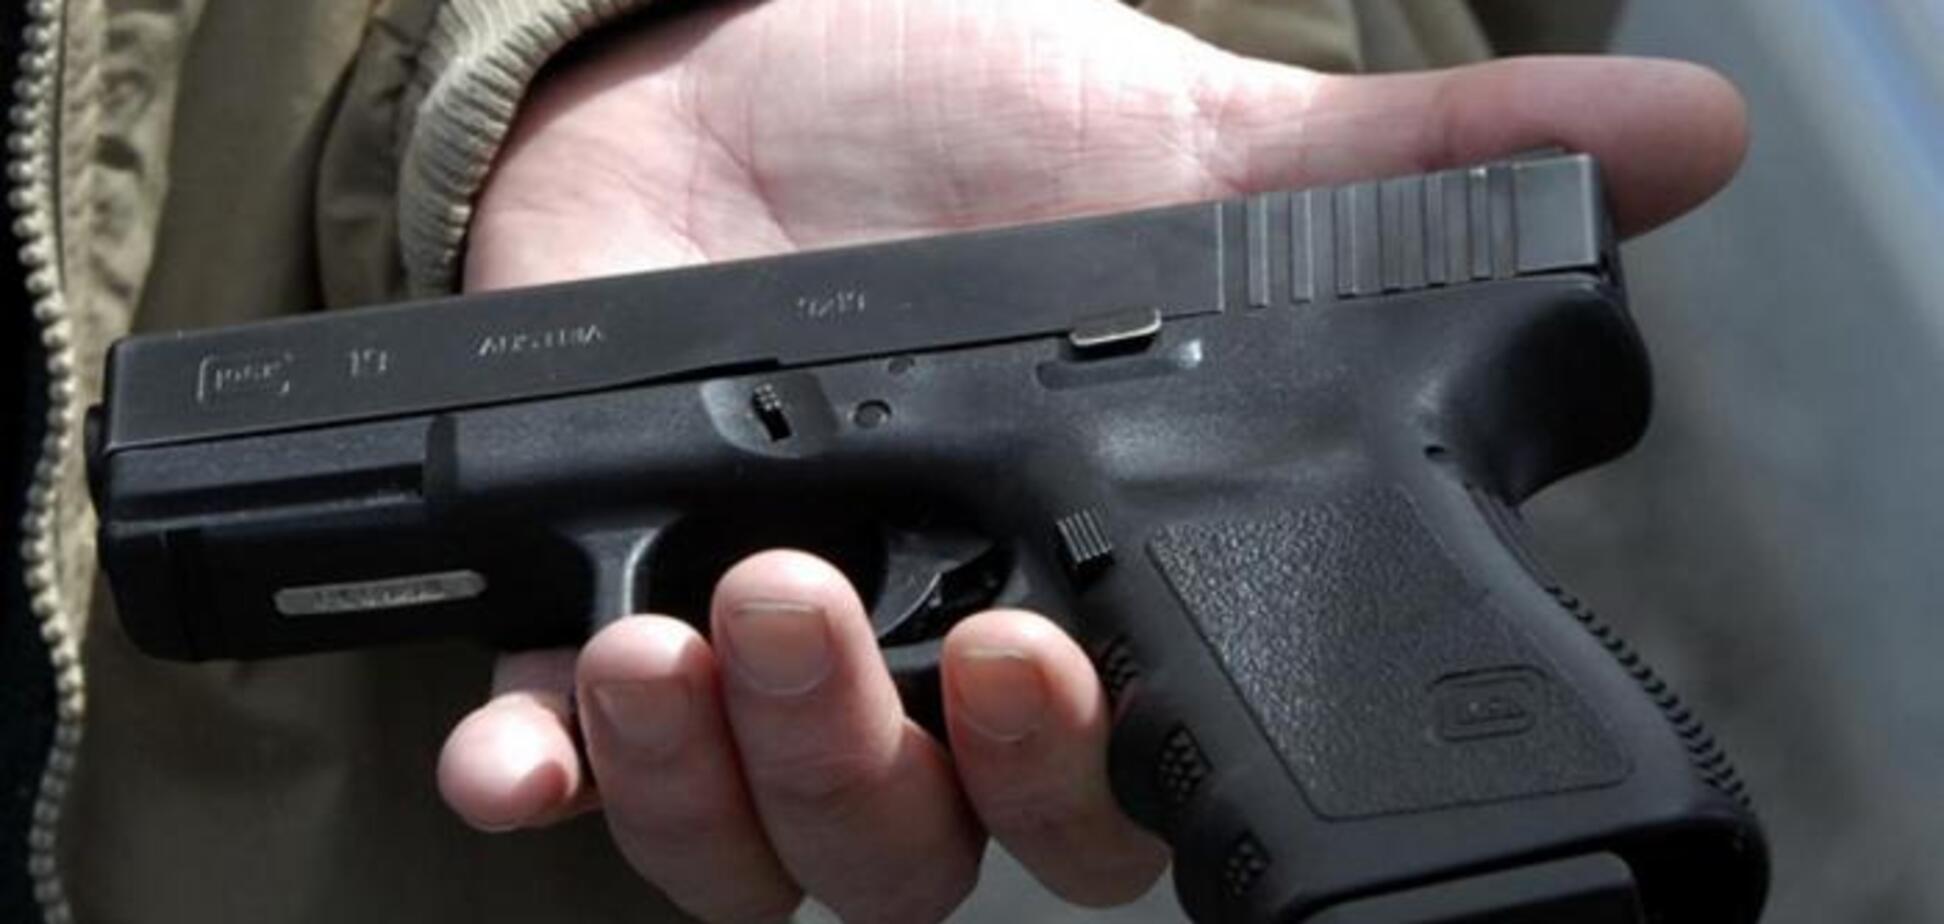 Мільйони 'стволів': стало відомо, скільки зброї на руках в українців